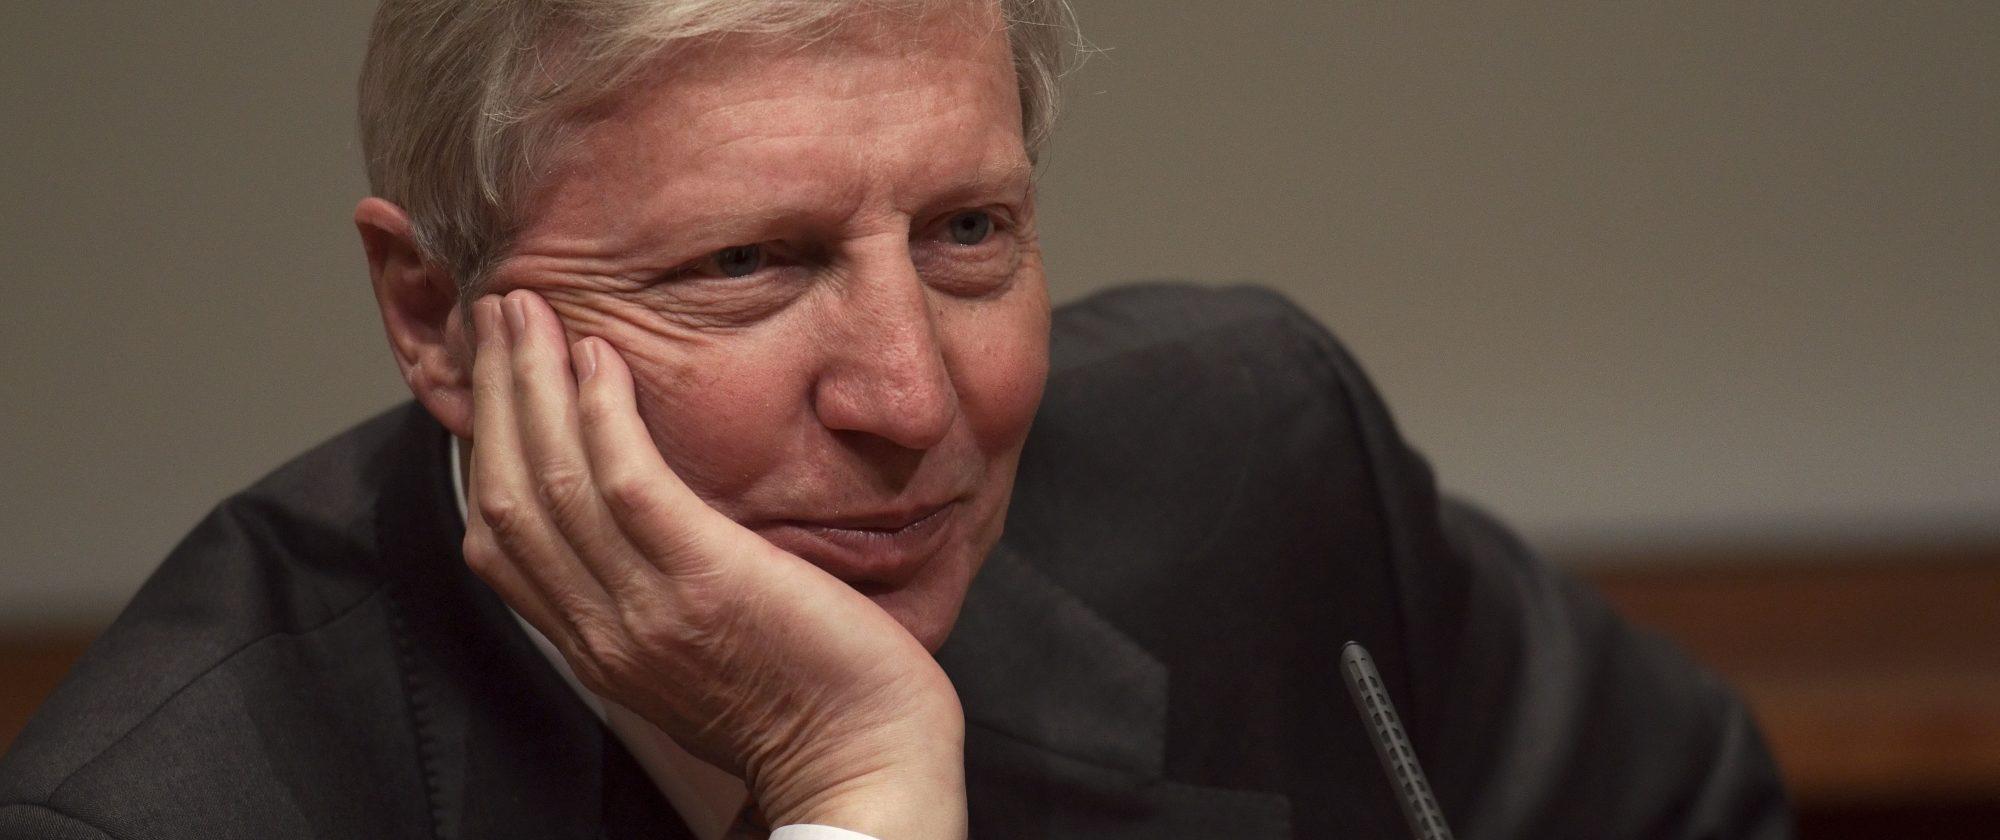 Jules Hoffmann, Nobel Laureate 2011